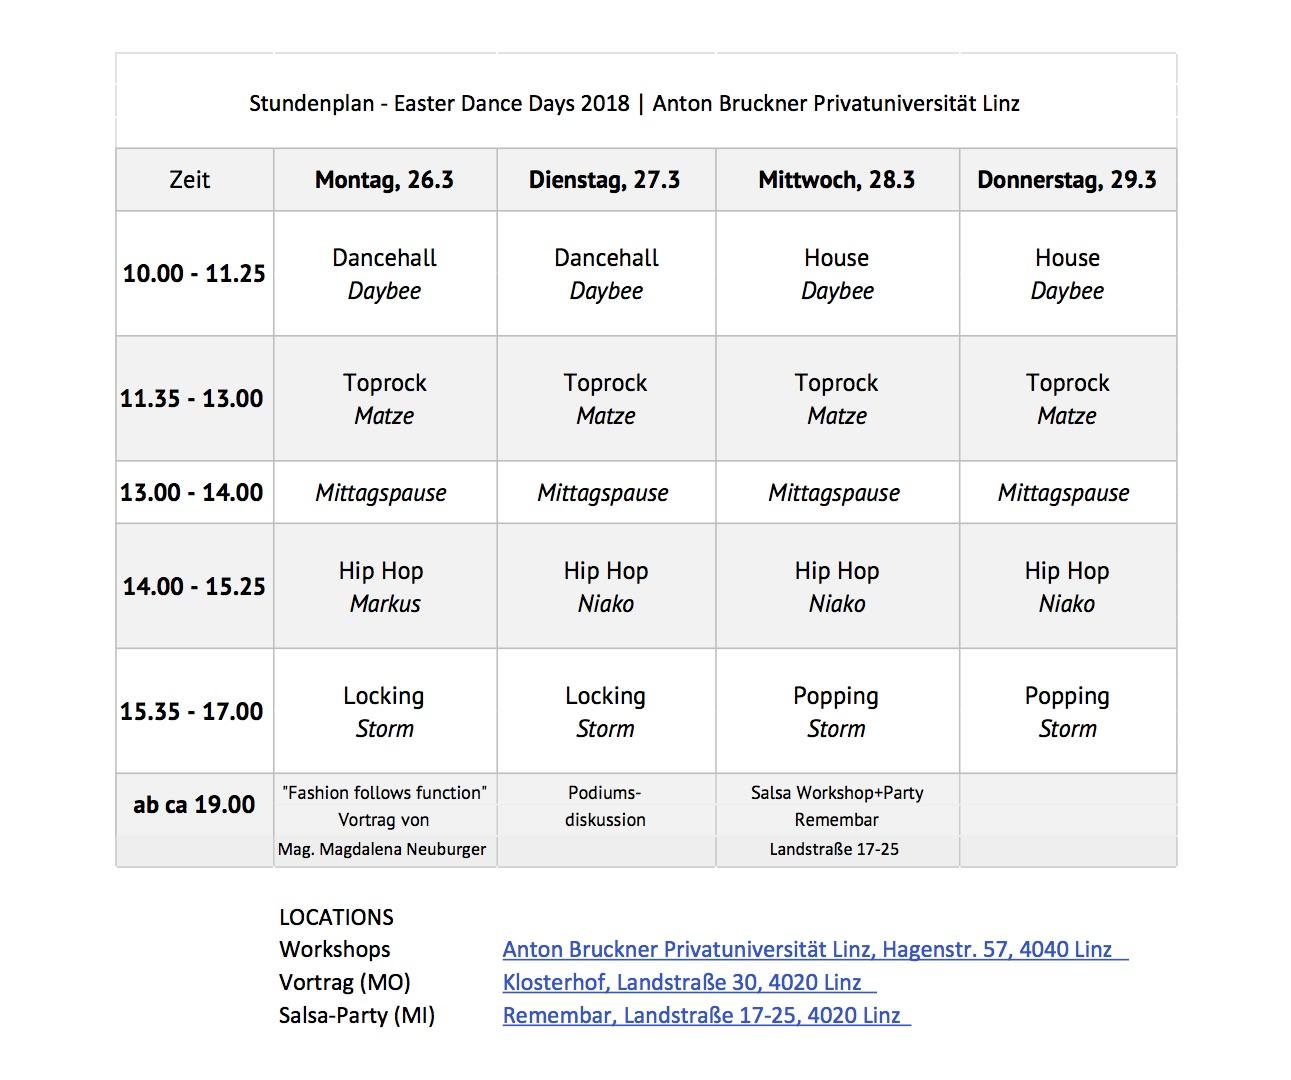 Stundenplan_EDD_Offenes_Programm